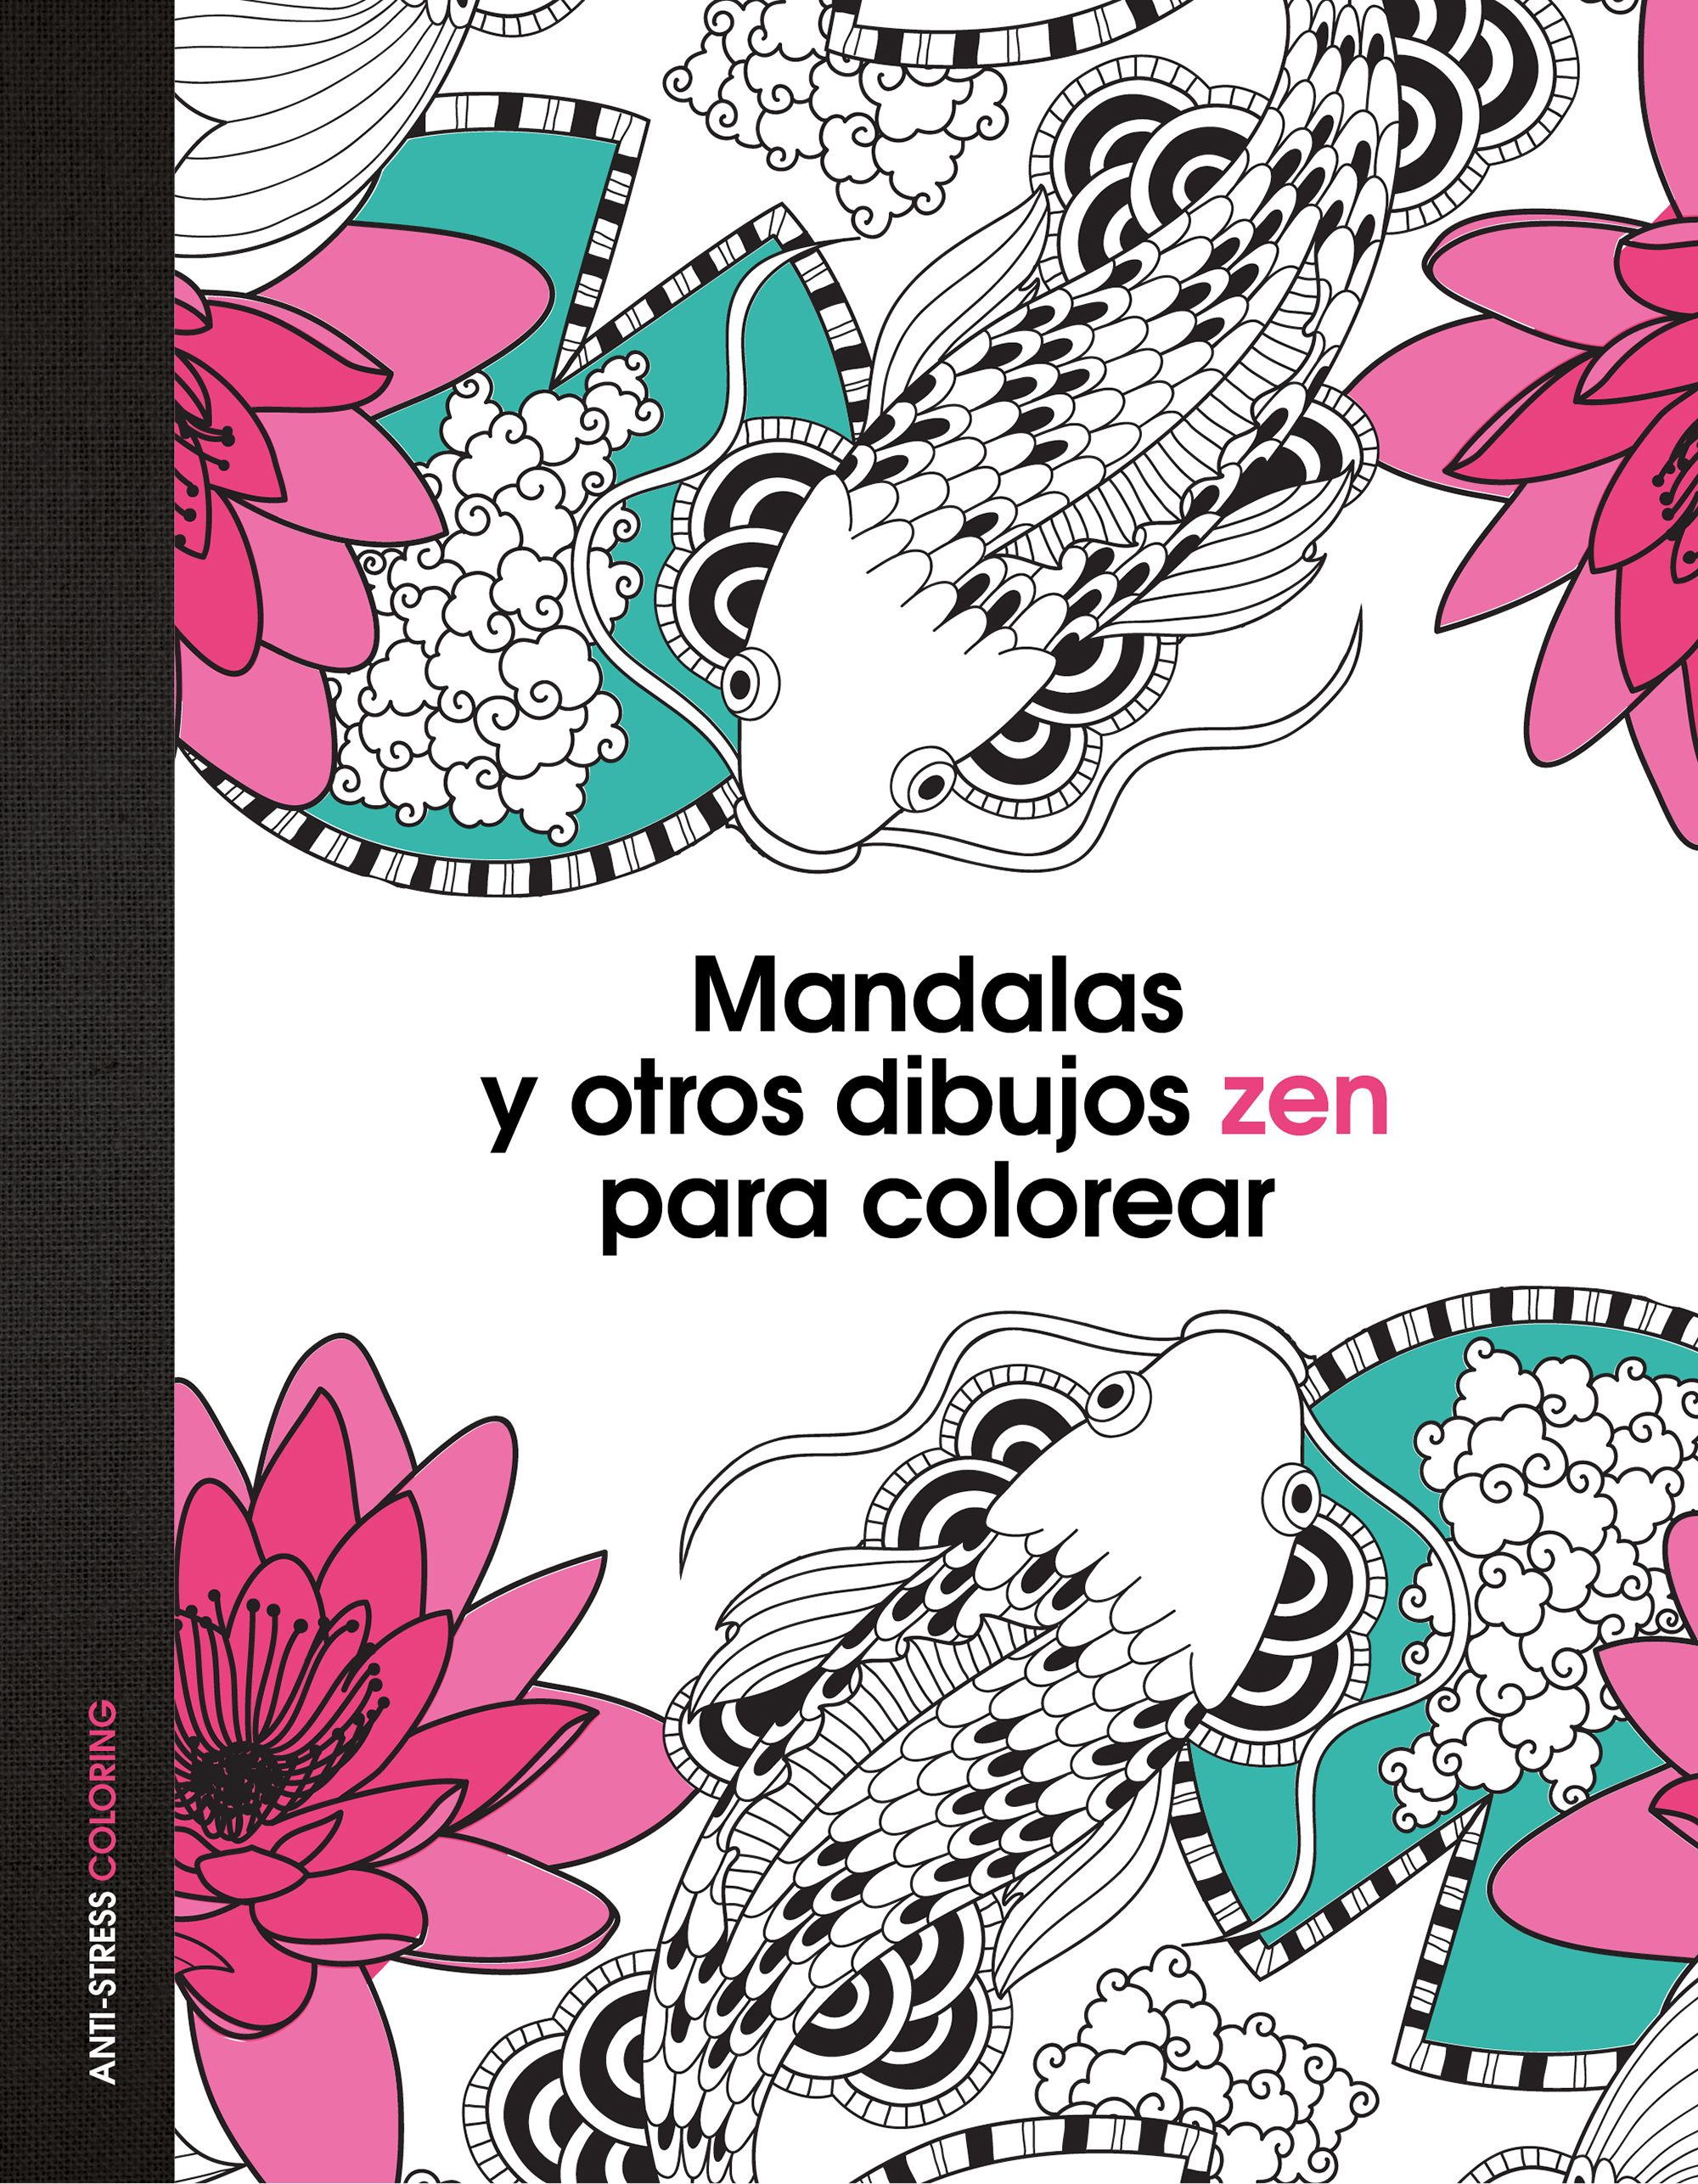 libros de mandalas para colorear juegos